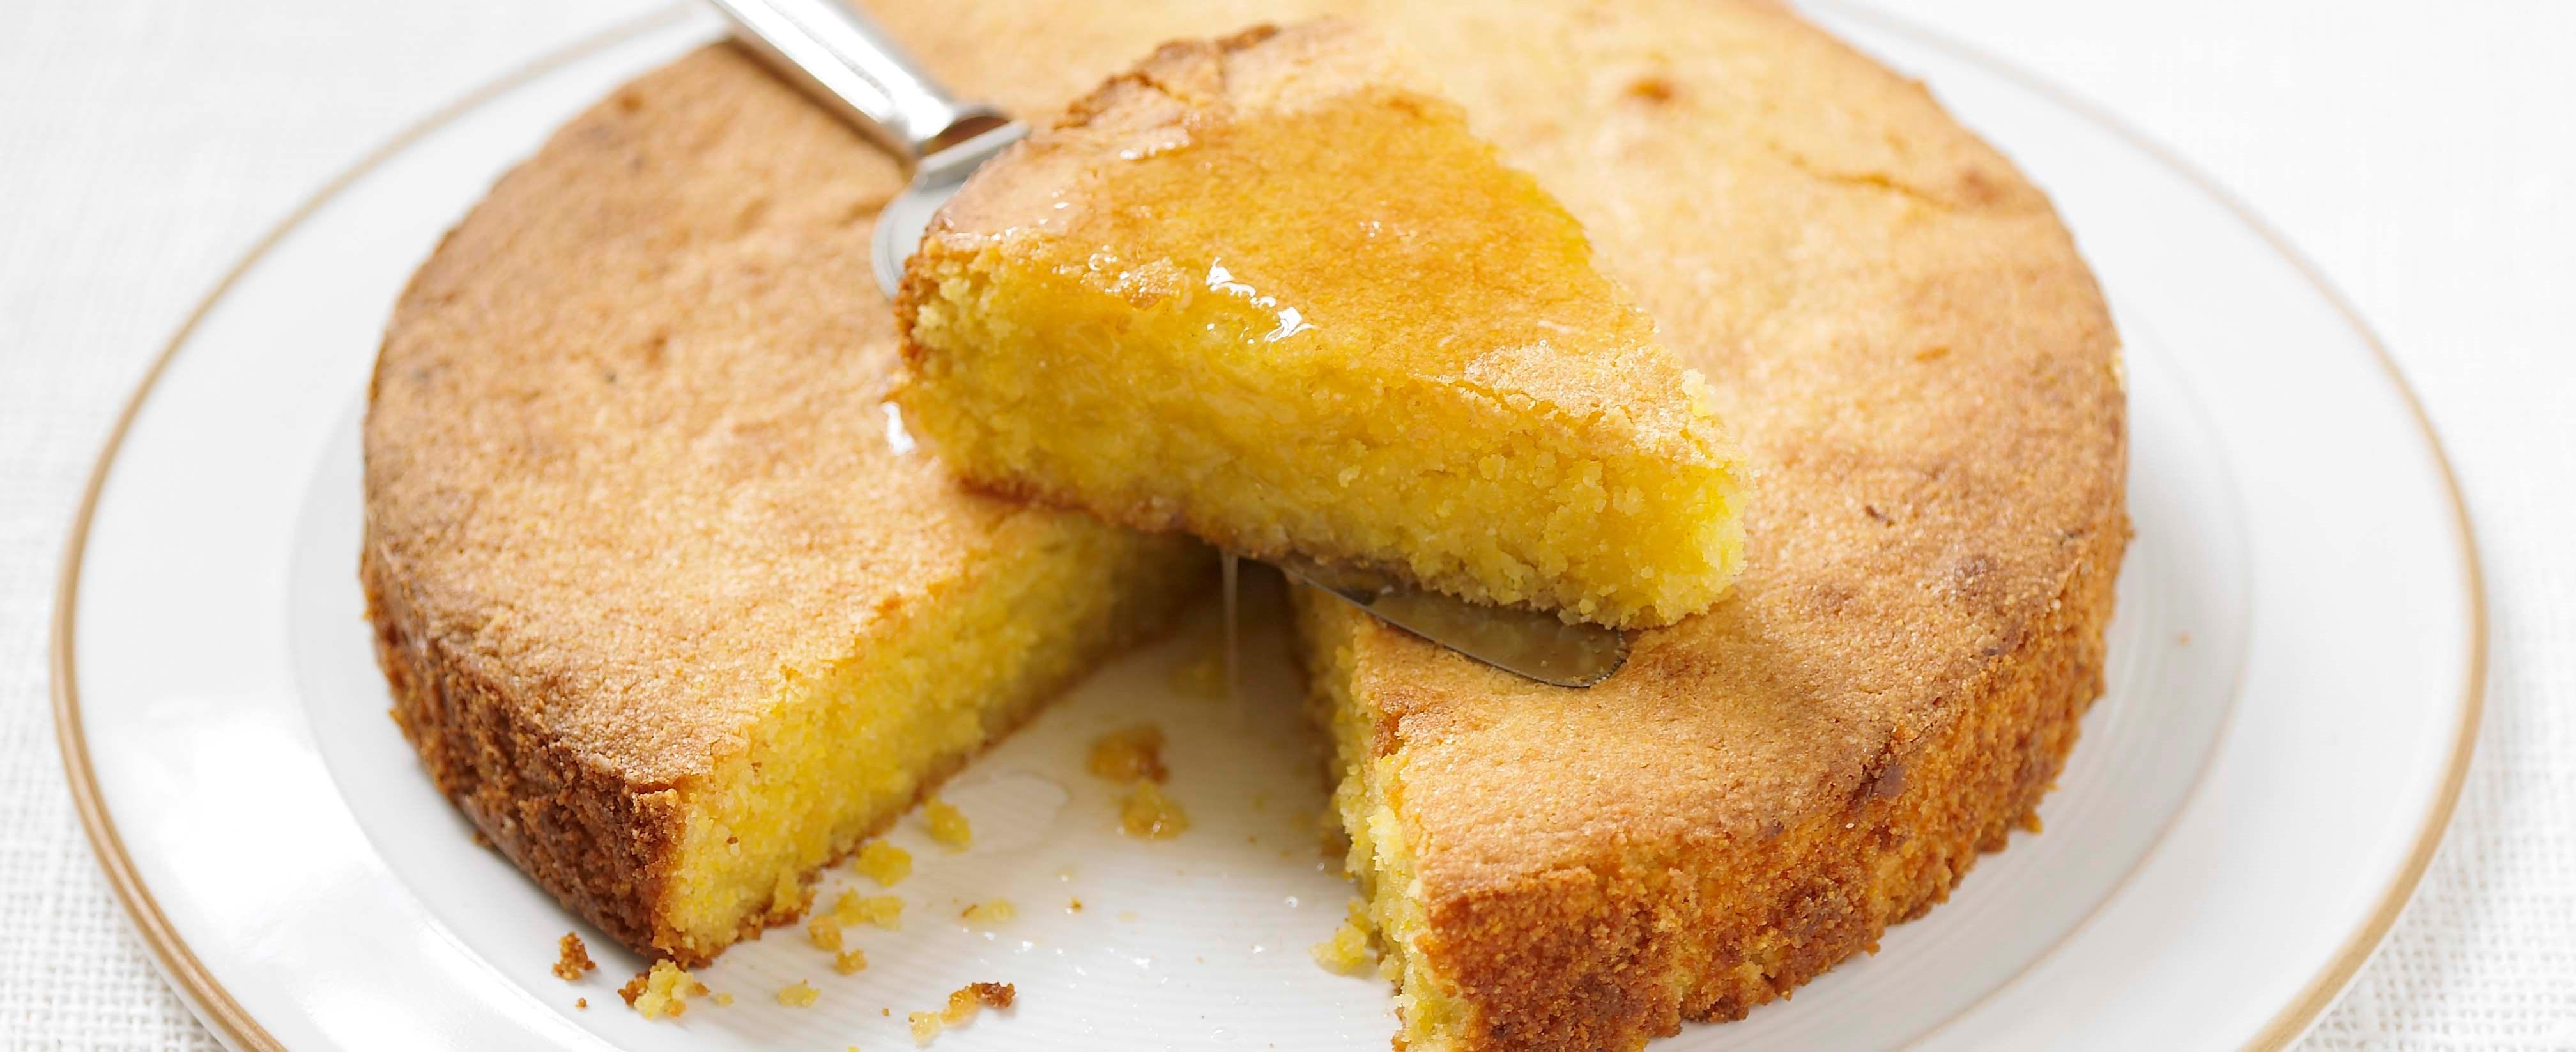 Lemon Polenta Cake With Icing